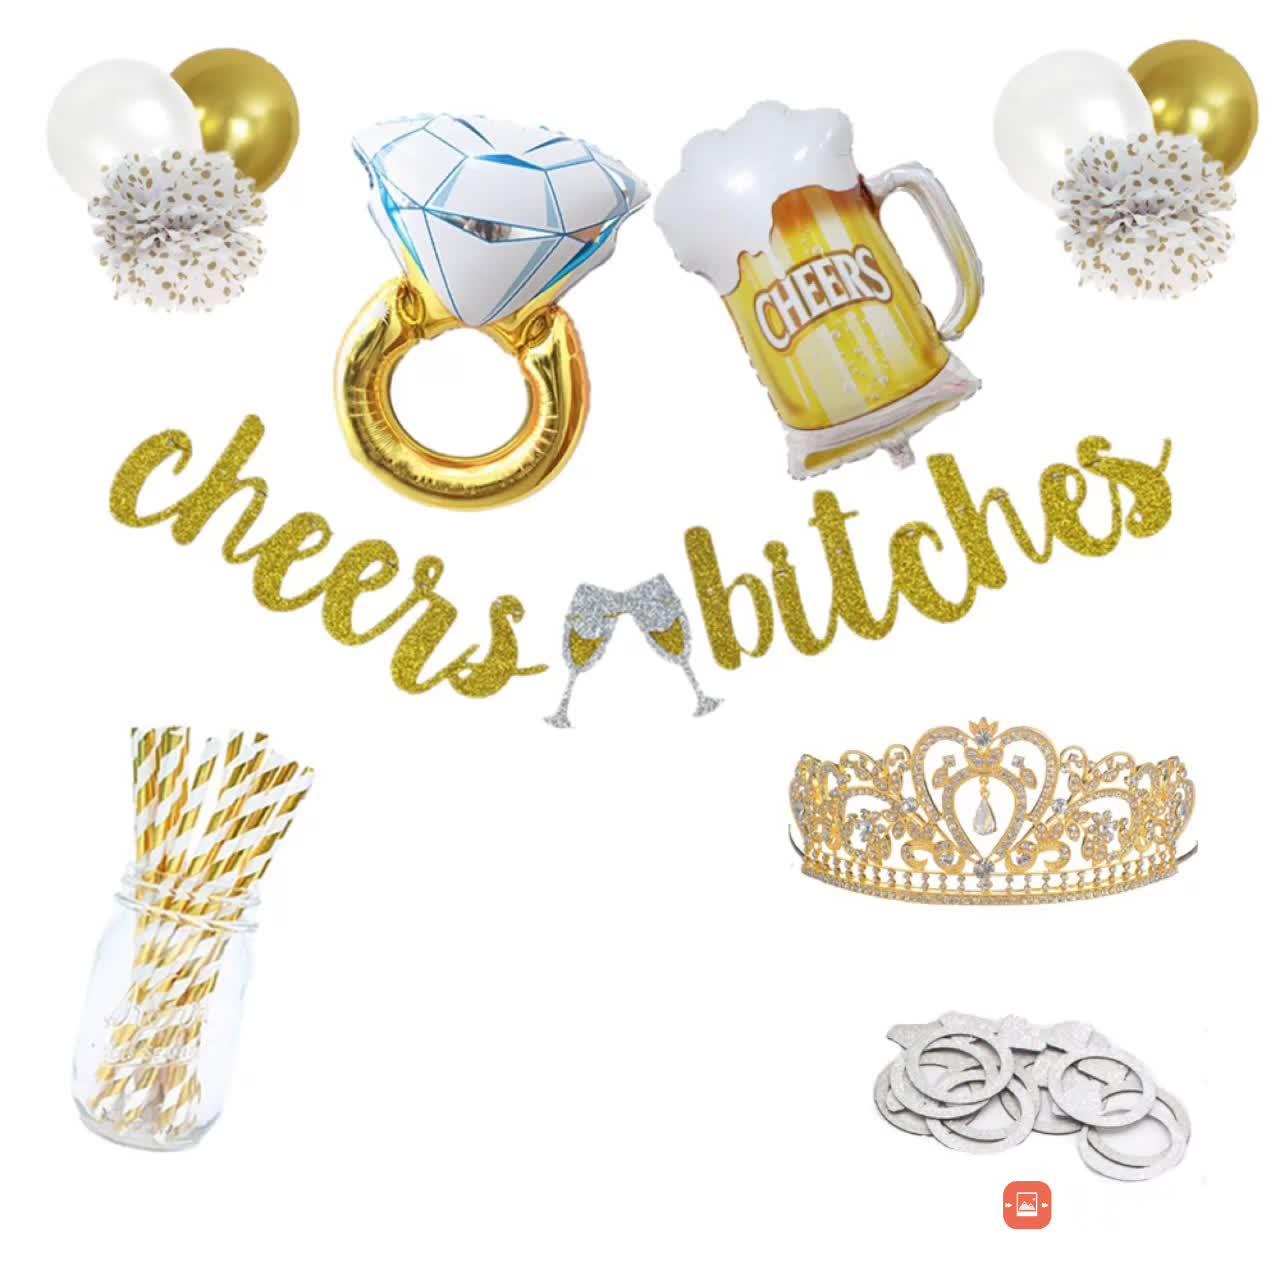 Décorations de Douche de mariée acclamations chiennes bannière or dot papier fleur Decoracion enterrement faveurs